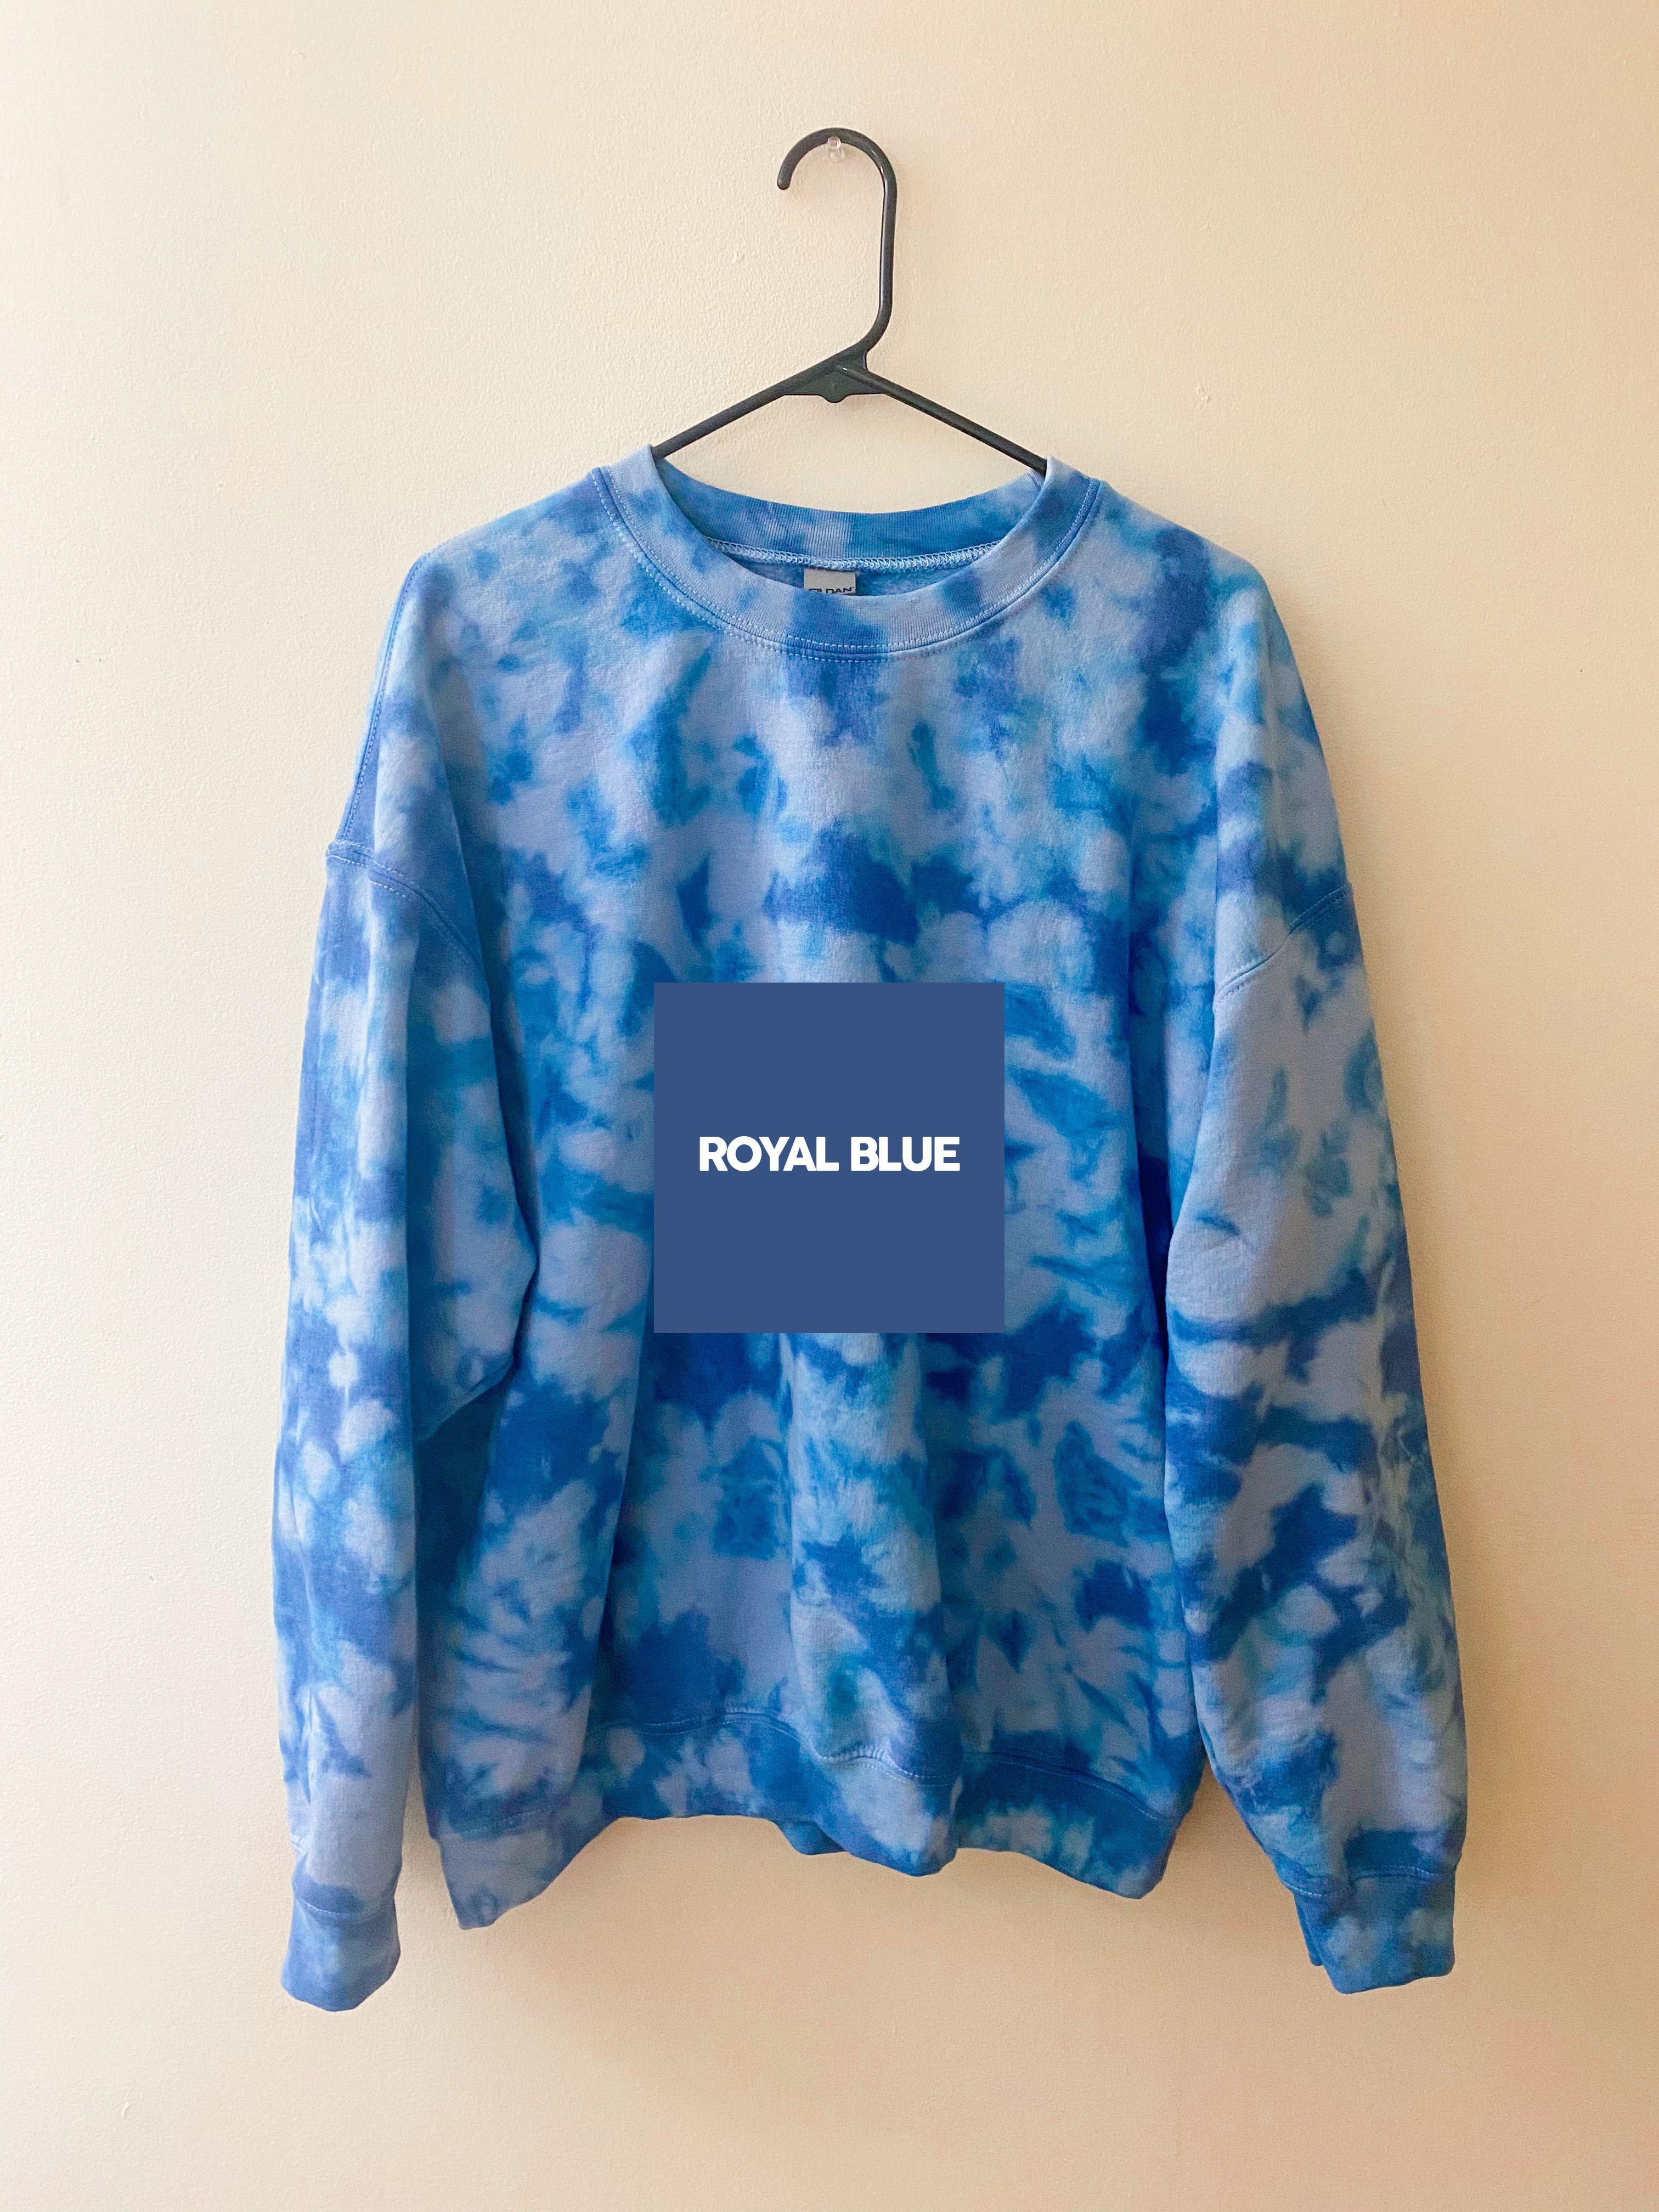 Custom One Color Crinkle Tie Dye Crewneck Sweatshirt Etsy Tie Dye Crewneck Sweatshirts Crew Neck Sweatshirt Blue Tye Dye [ 4032 x 3024 Pixel ]